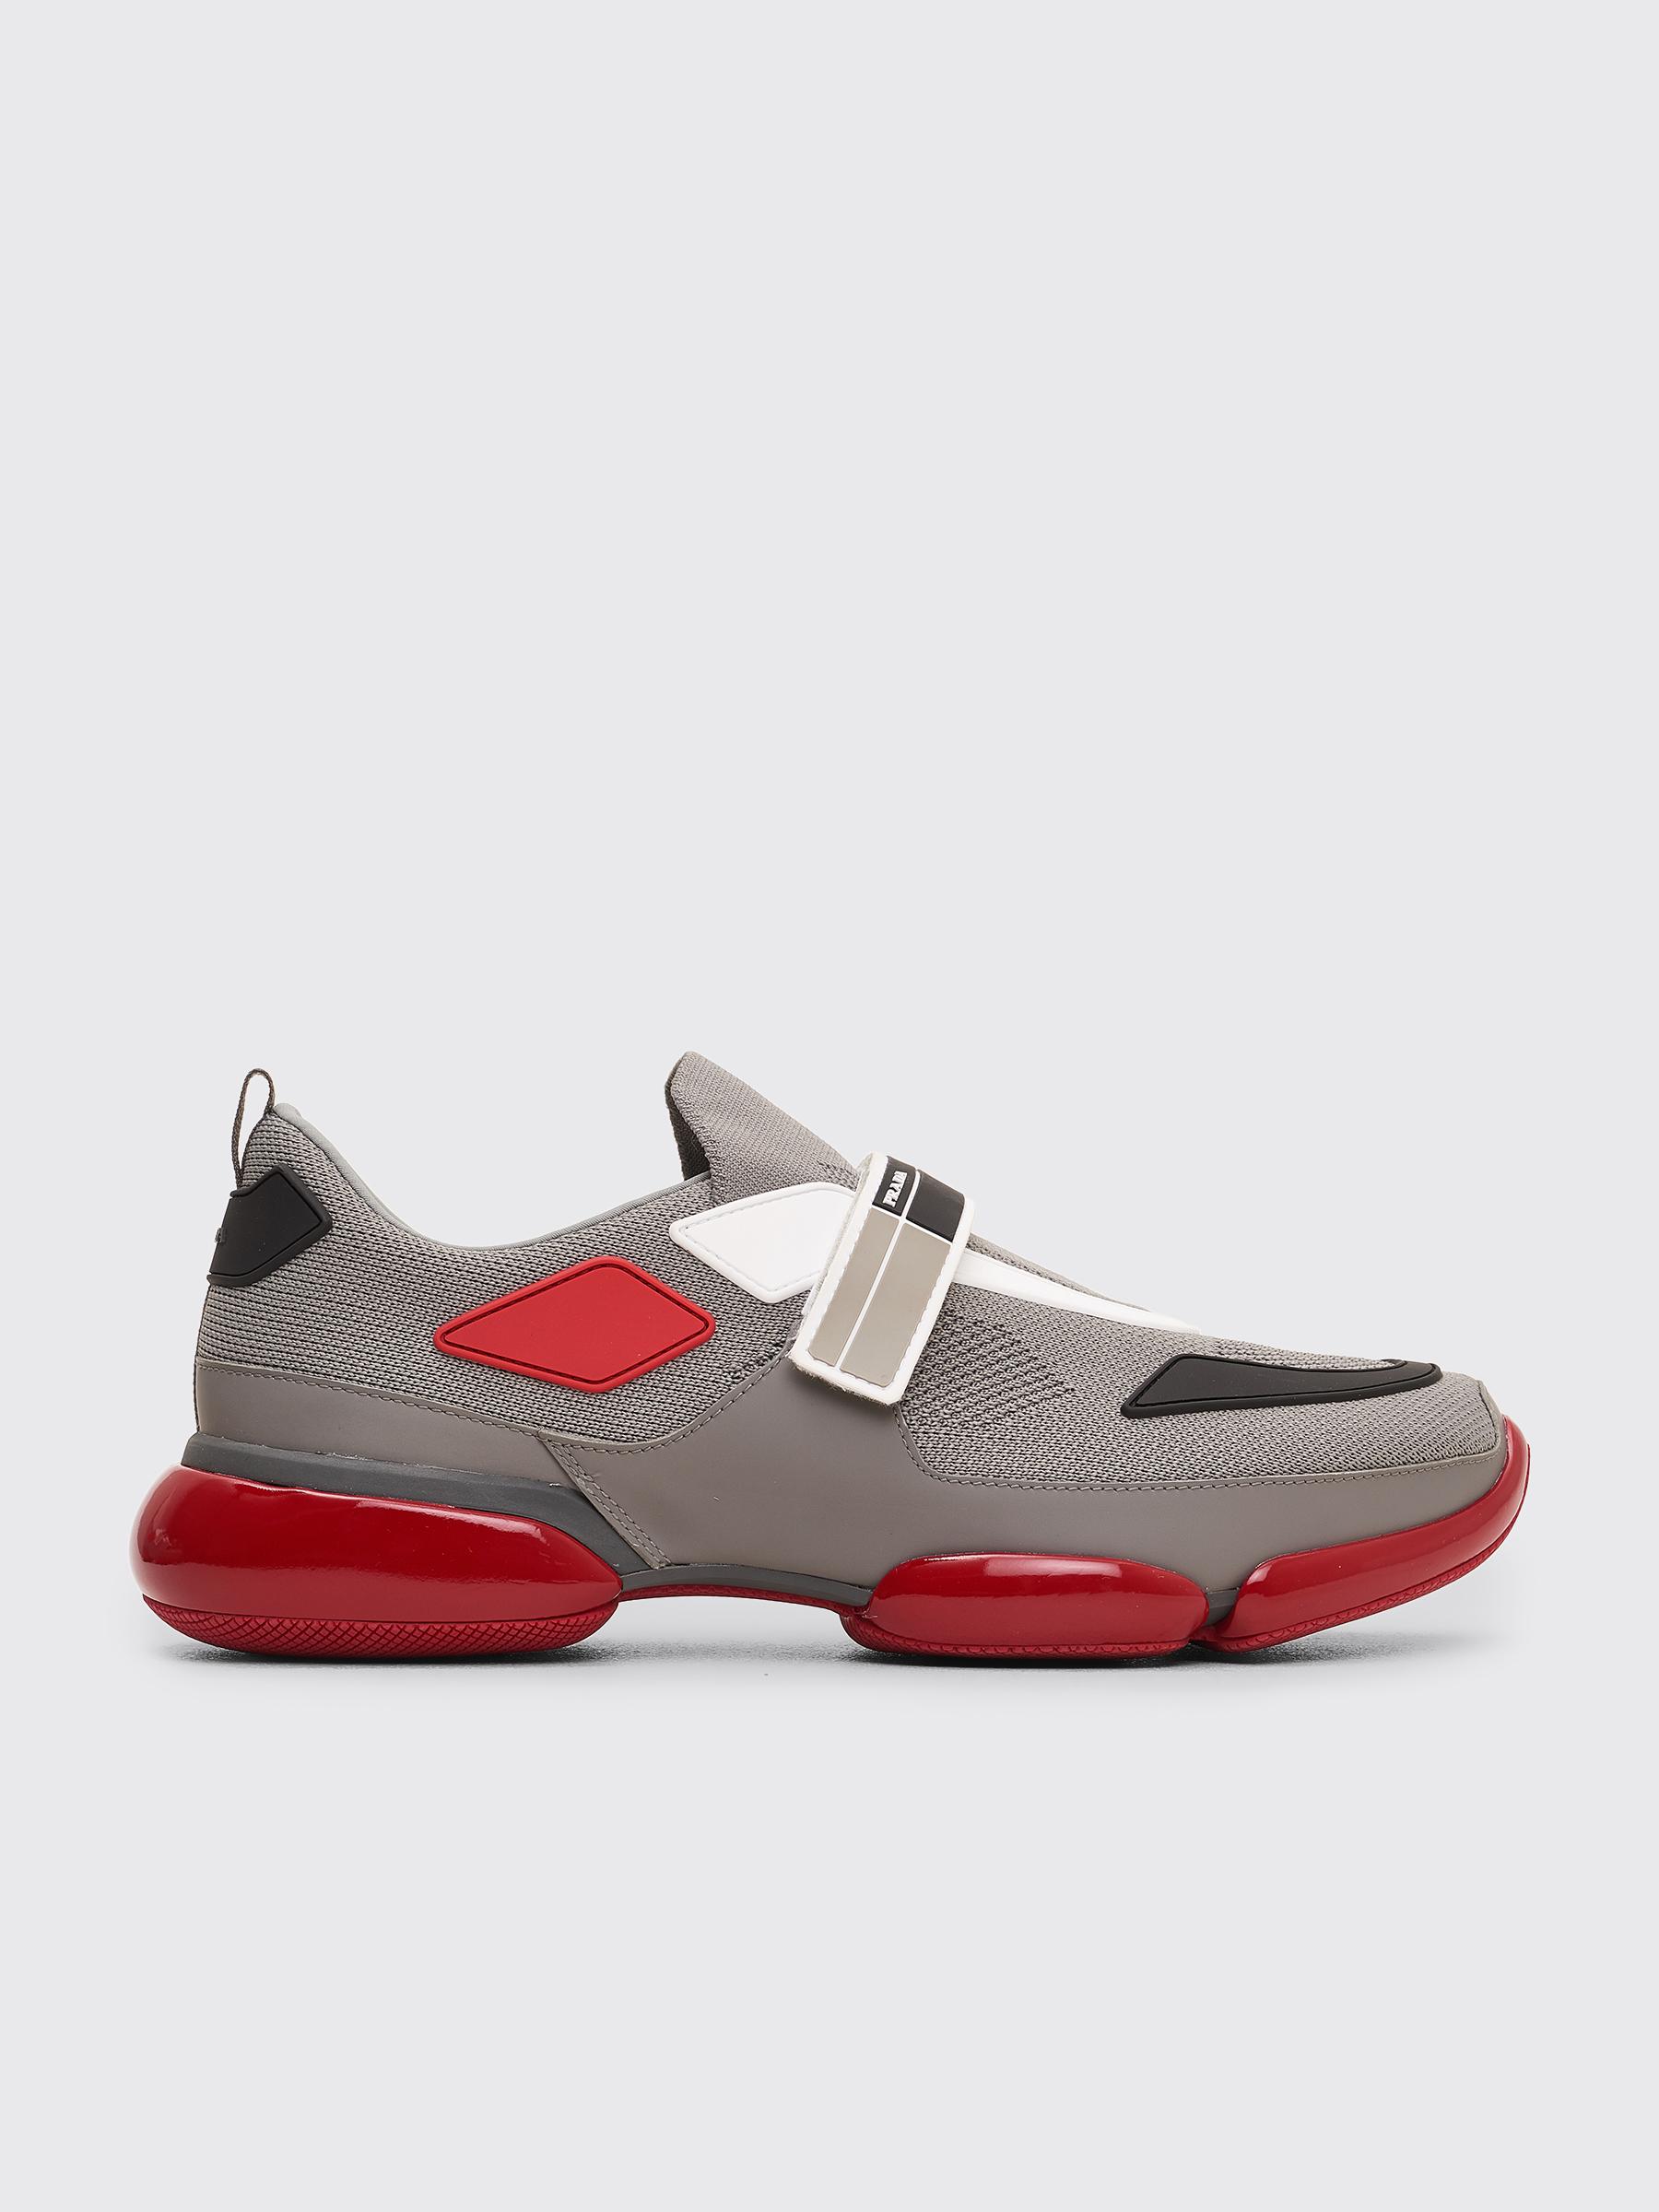 Acne Studios Red Cloudbust Sneakers 69MOKFyRIw